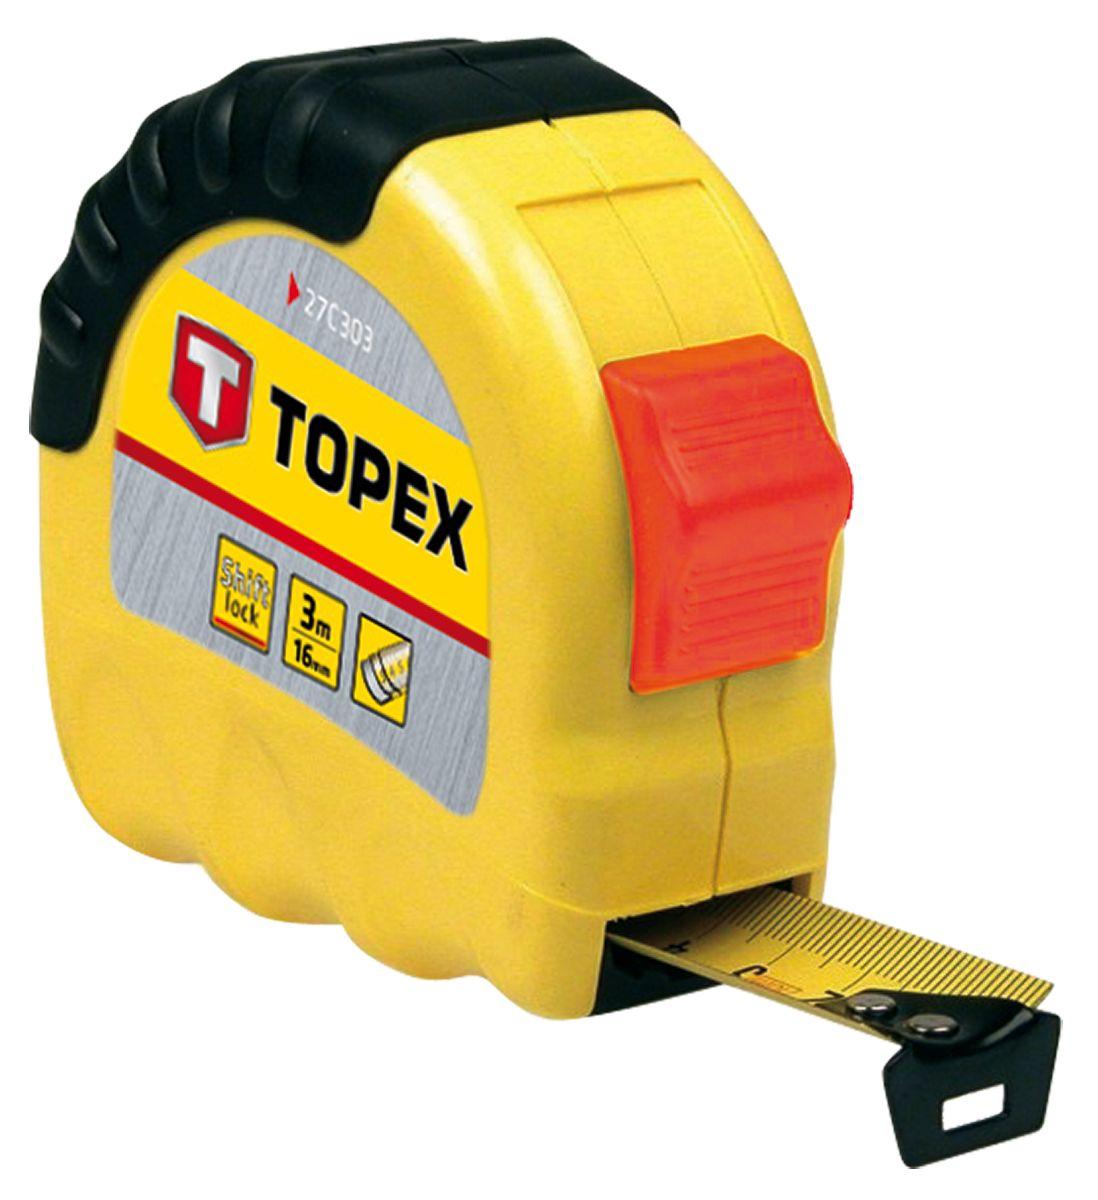 Рулетка Topex 27c303 стальная рулетка topex 27c387